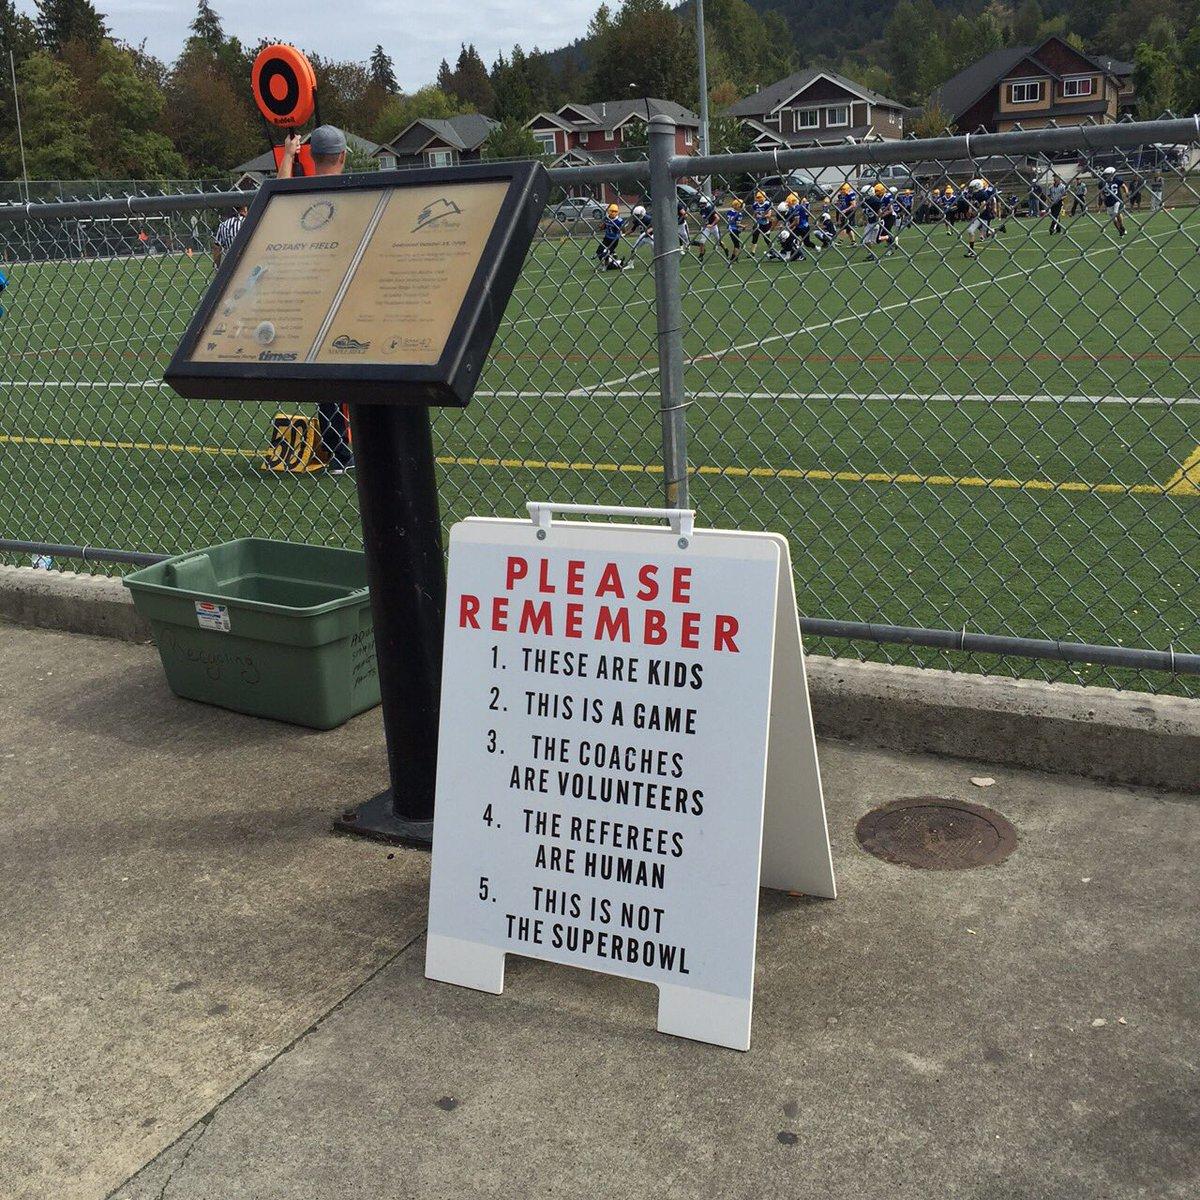 カナダの子どもたちのアメフト試合で注意書き 1.彼らは子どもです 2.これはただの試合です 3.コーチはボランティアでやってます 4.審判は人間です 5.これはスーパーボウルではありません https://t.co/kXezuN6Wlk